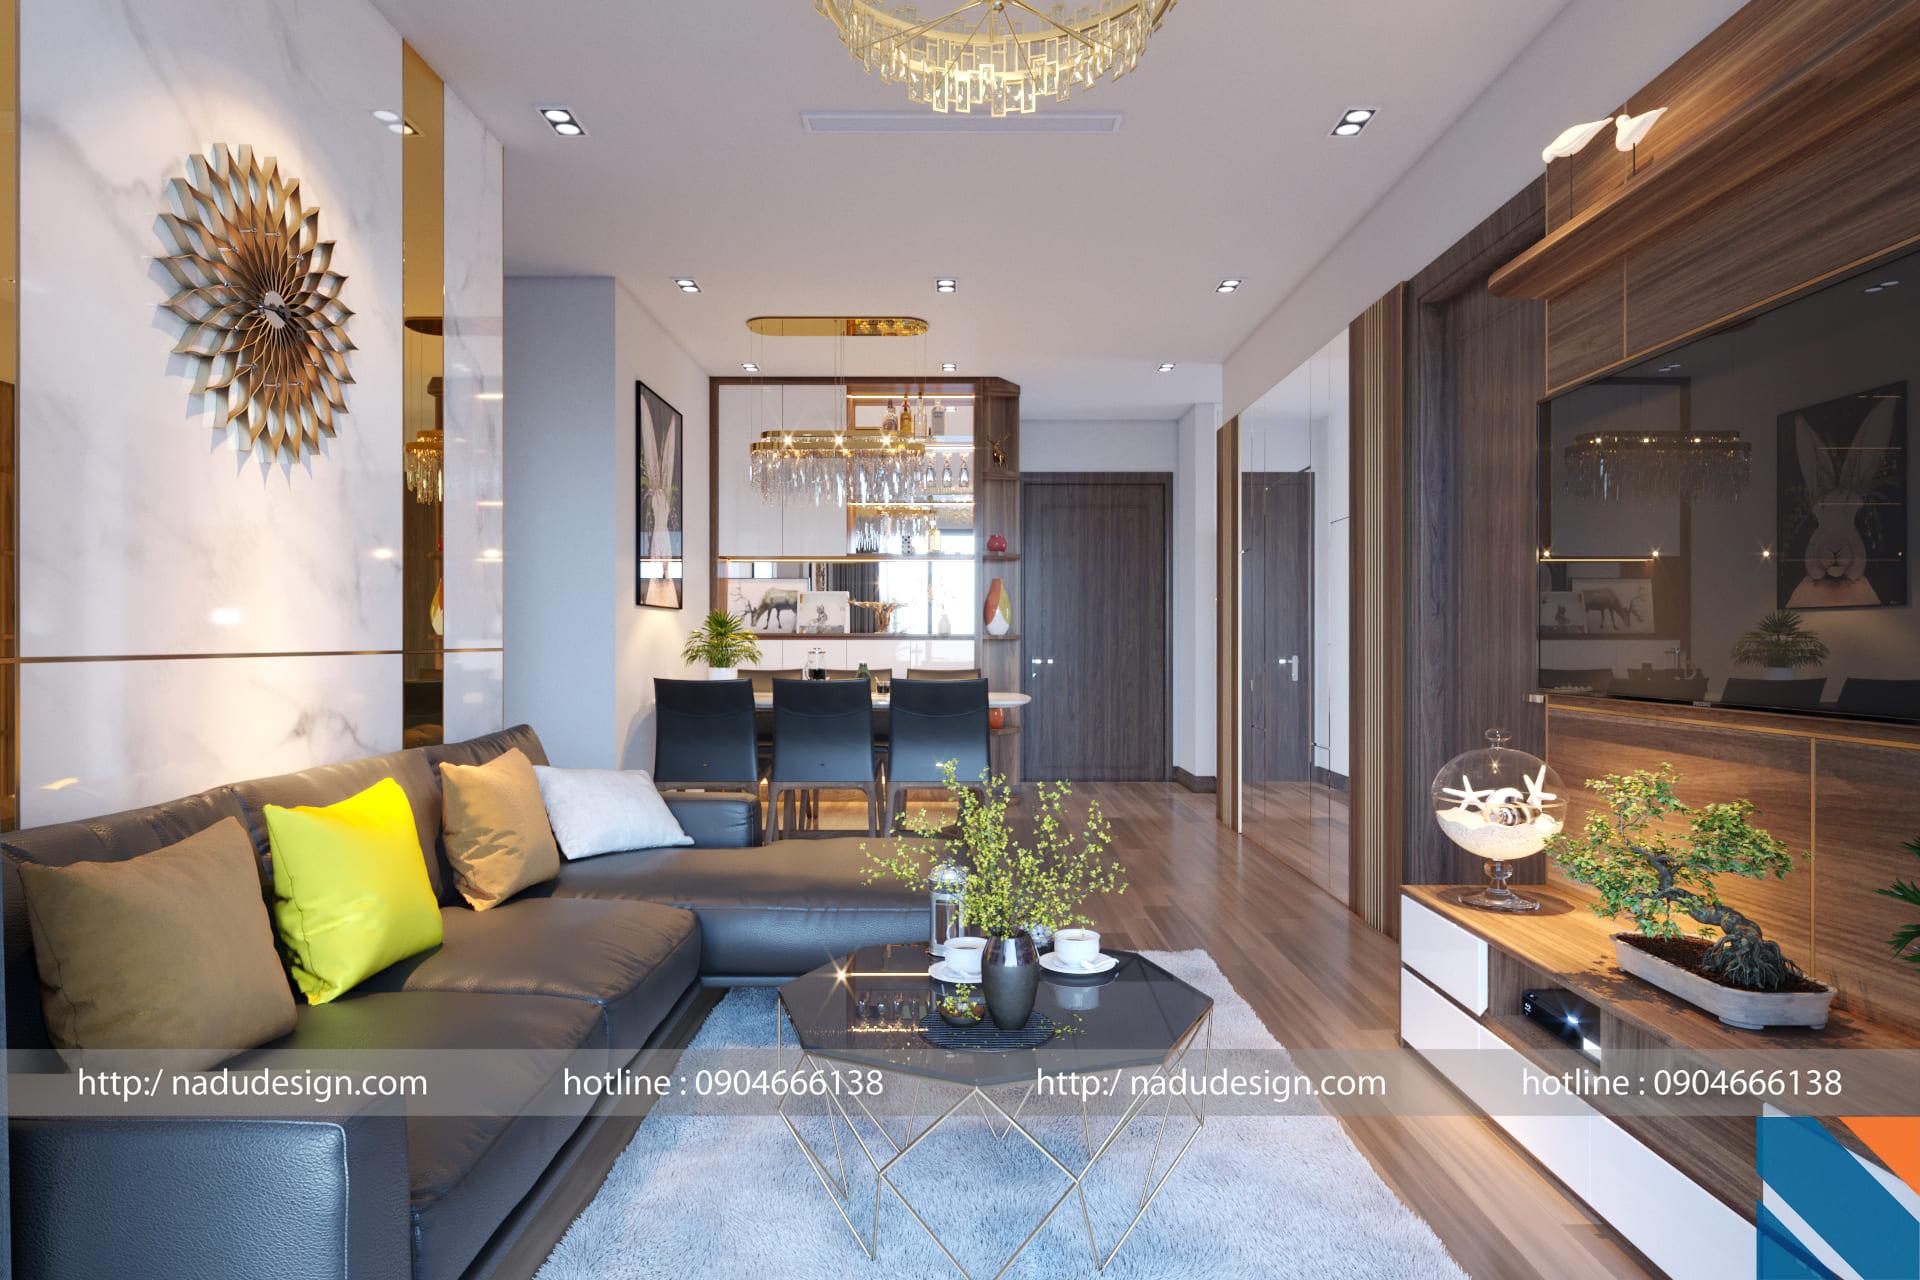 Nội thất căn hộ Vinhomes Skylake không gian sang chảnh và vô cùng hiện đại